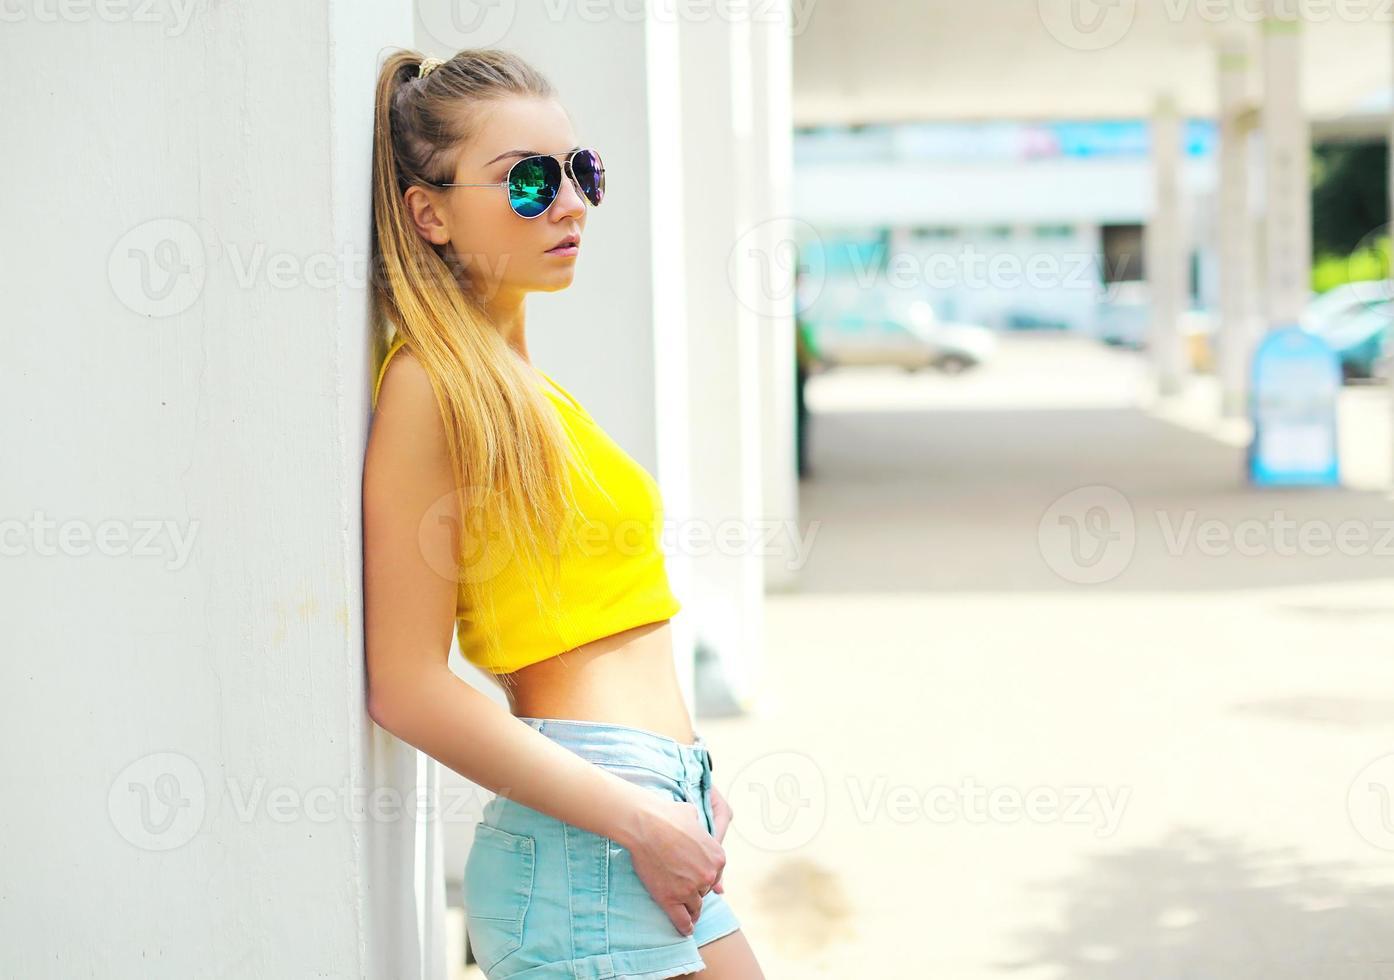 retrato da moda jovem vestindo óculos escuros e camiseta foto